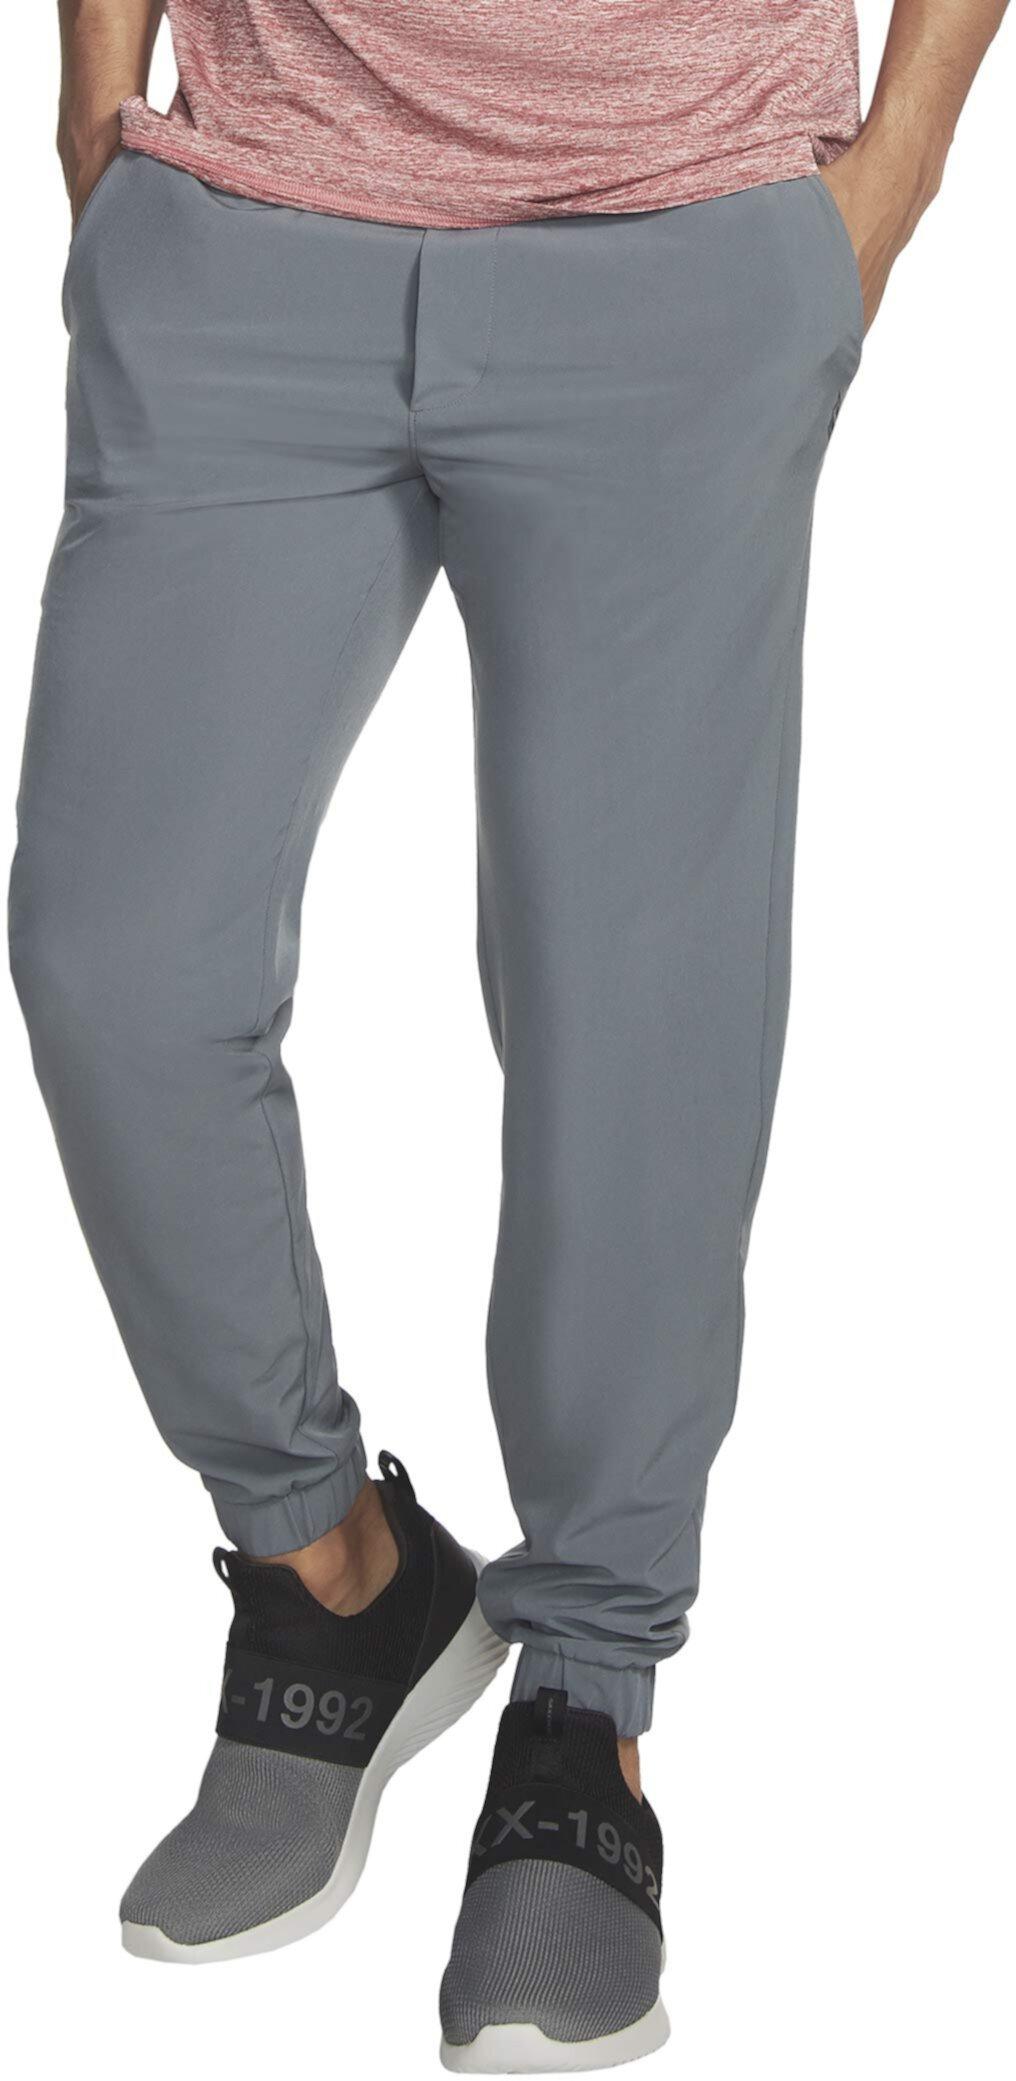 Спортивные штаны-джоггеры Go Walk из мягкой ткани SKECHERS